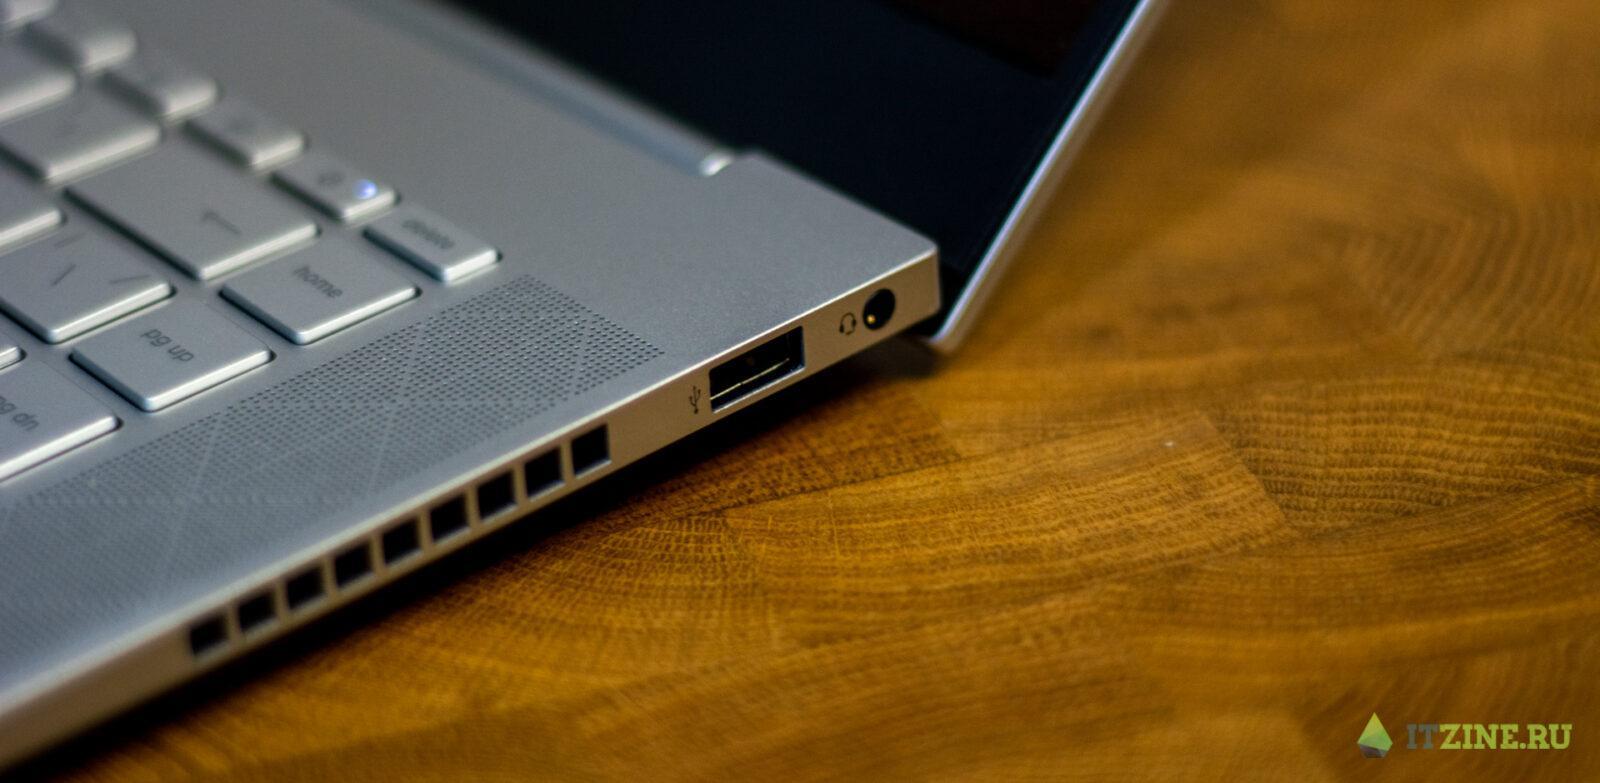 Обзор ноутбука HP Envy 15: мощь для создателей графического контента (hp envy 08)